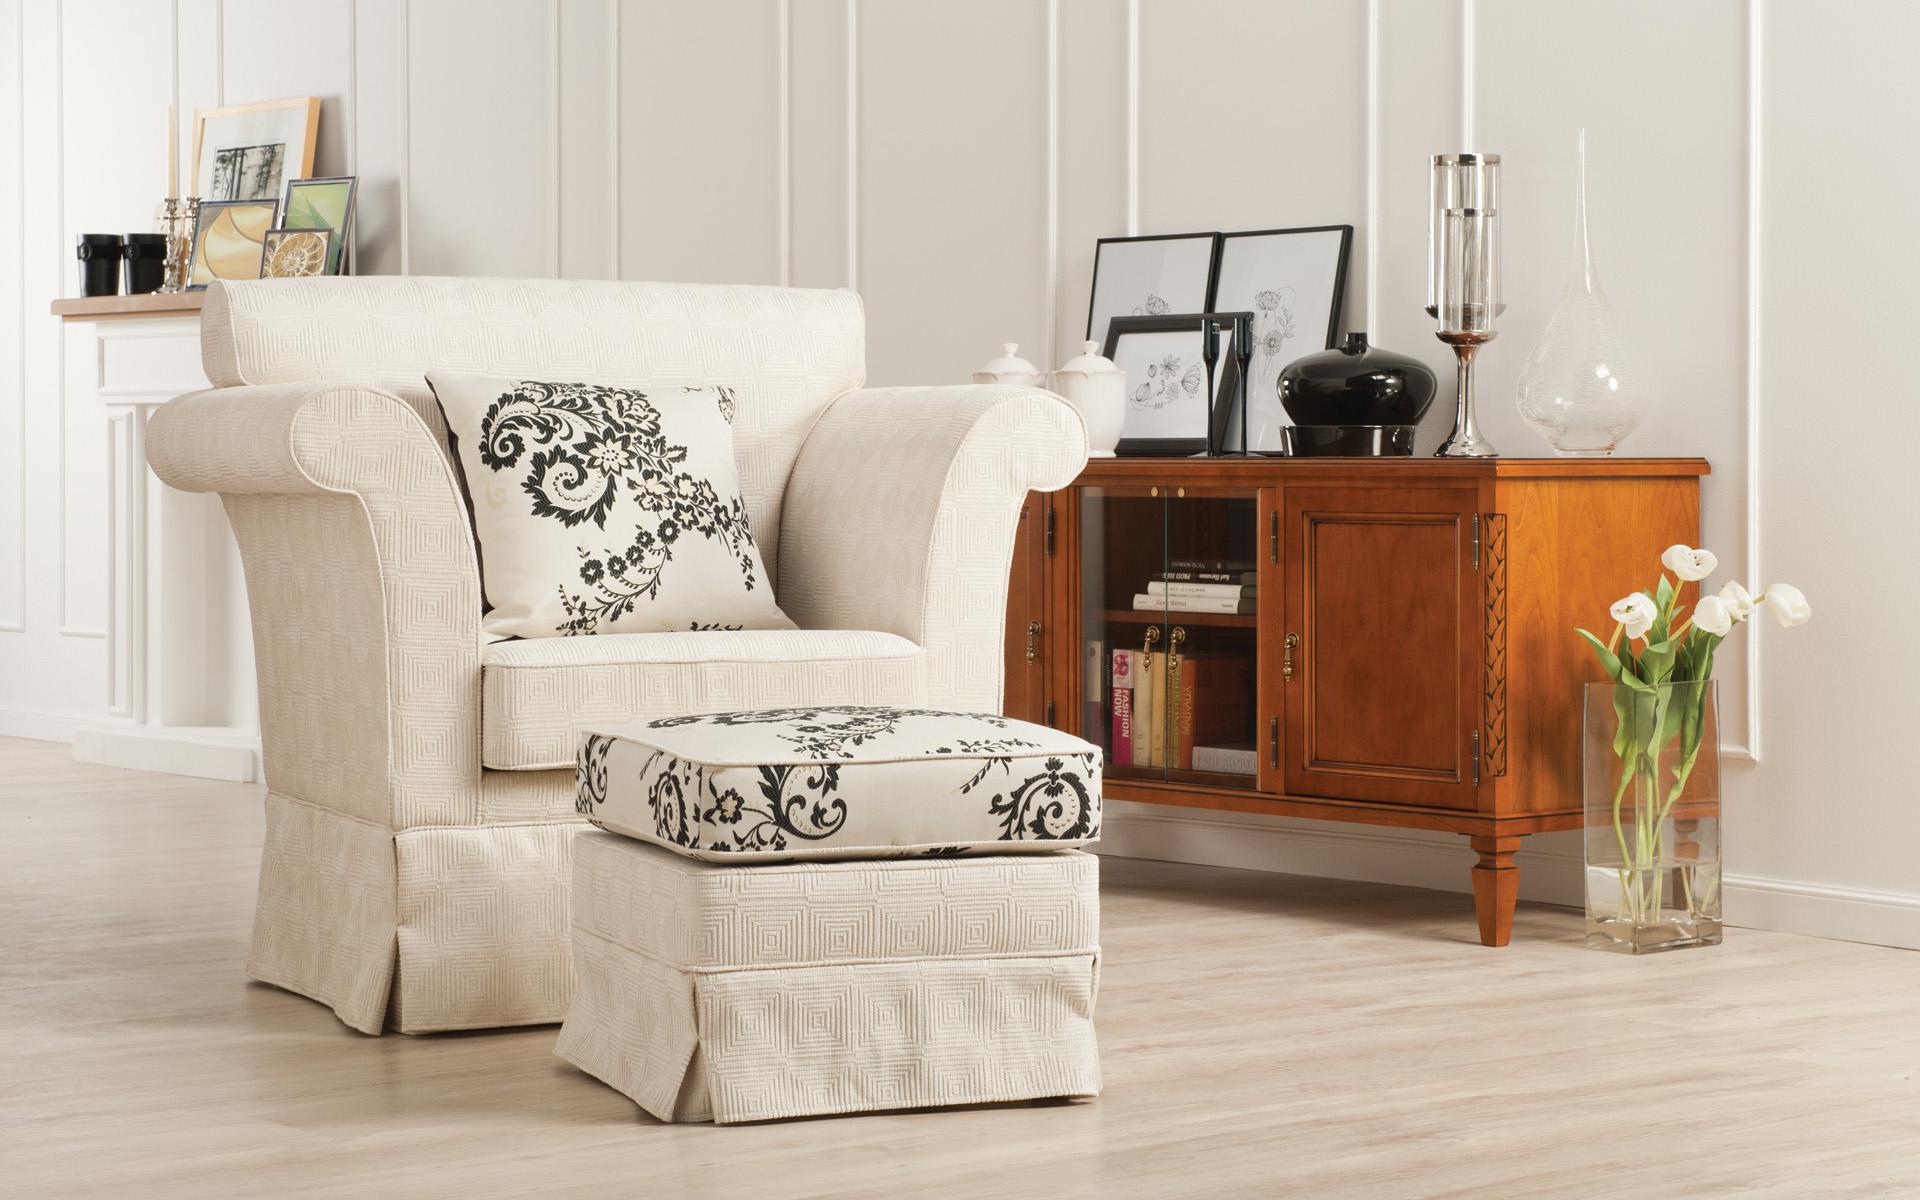 dnevna-soba_day-room_Wohnzimmer_klasicno-pohistvo_classic-furniture_Klassischen-Moebel_Empire_7